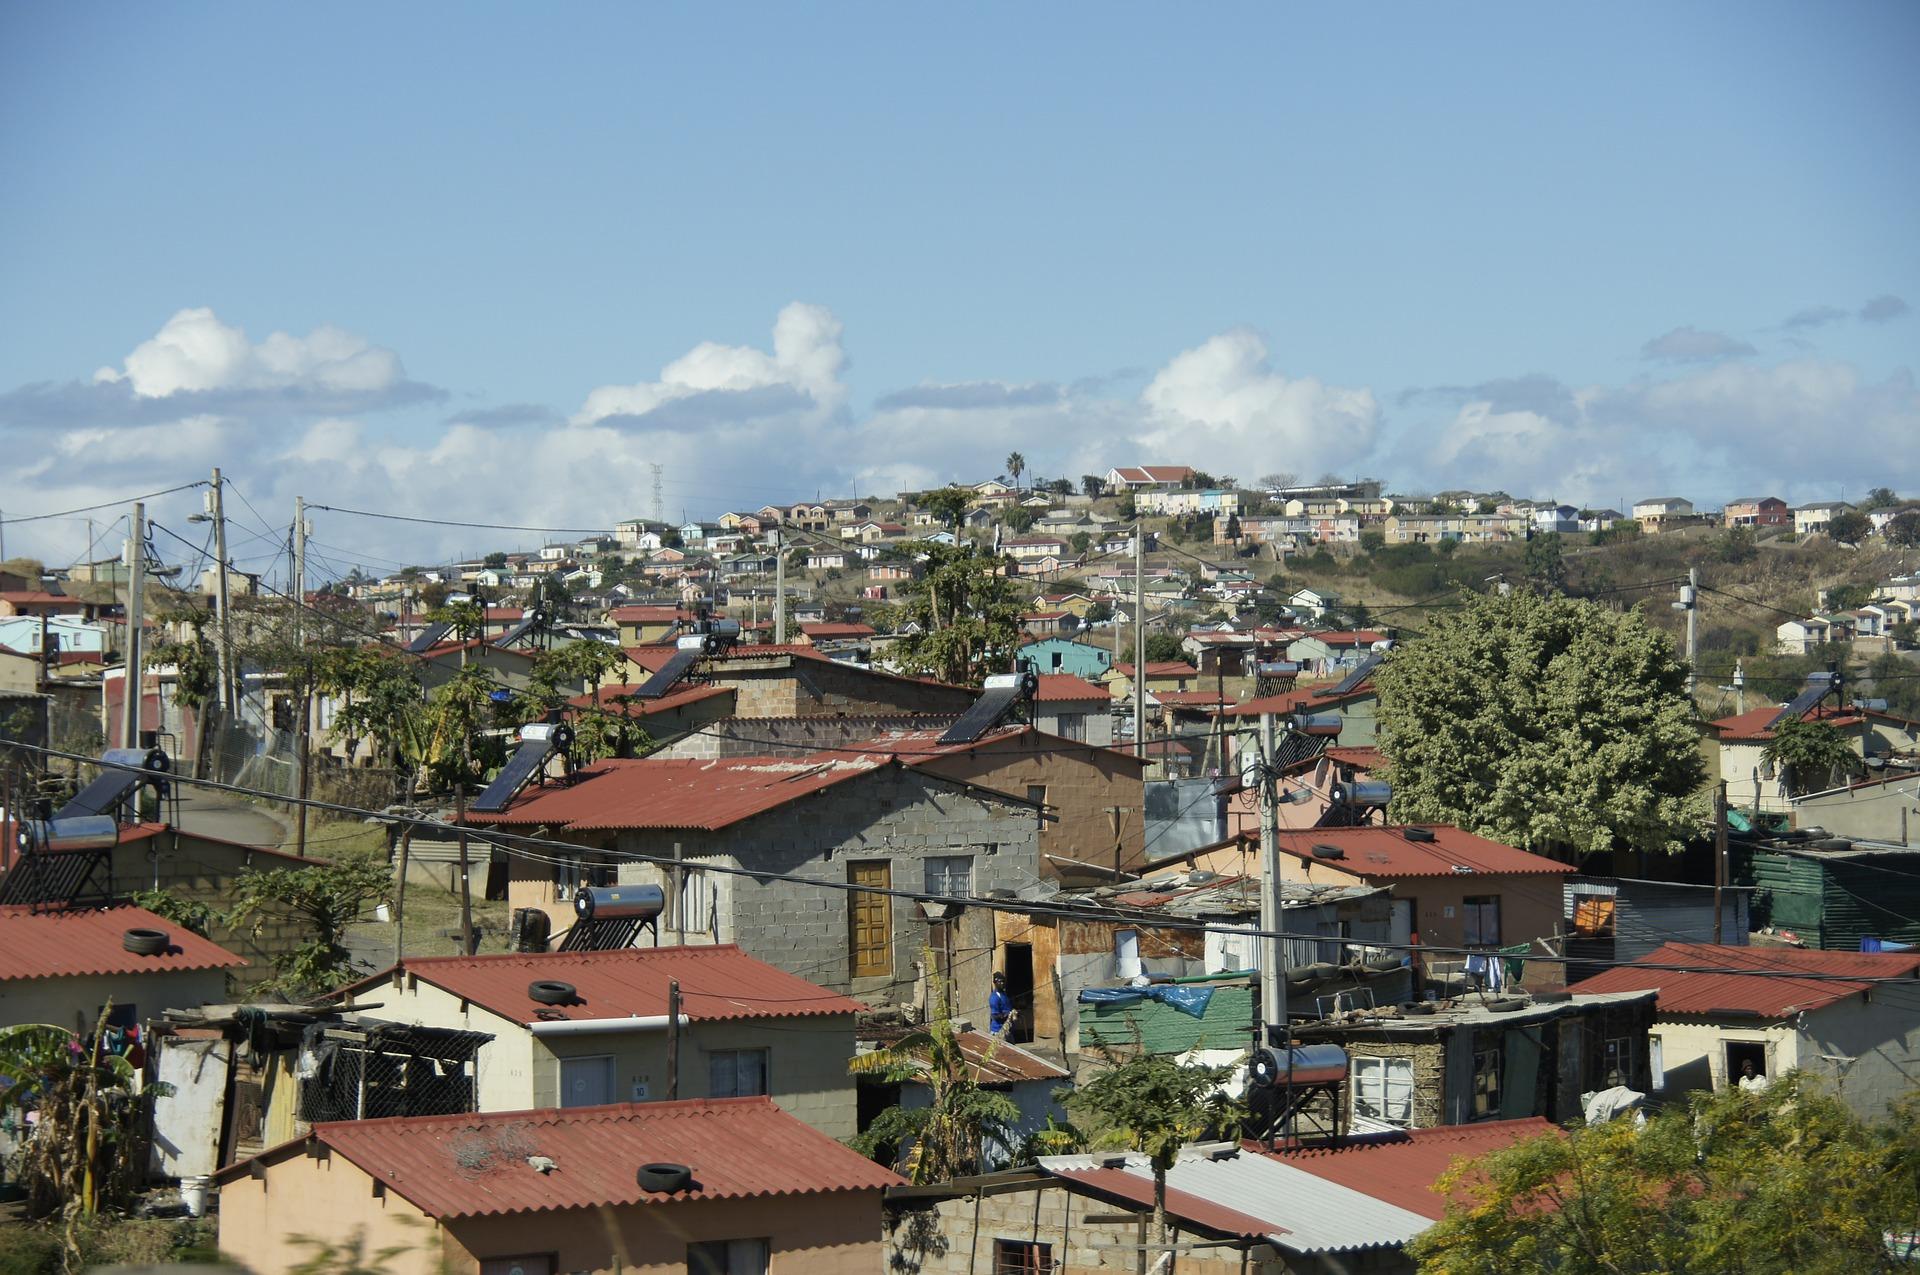 slum-509410_1920